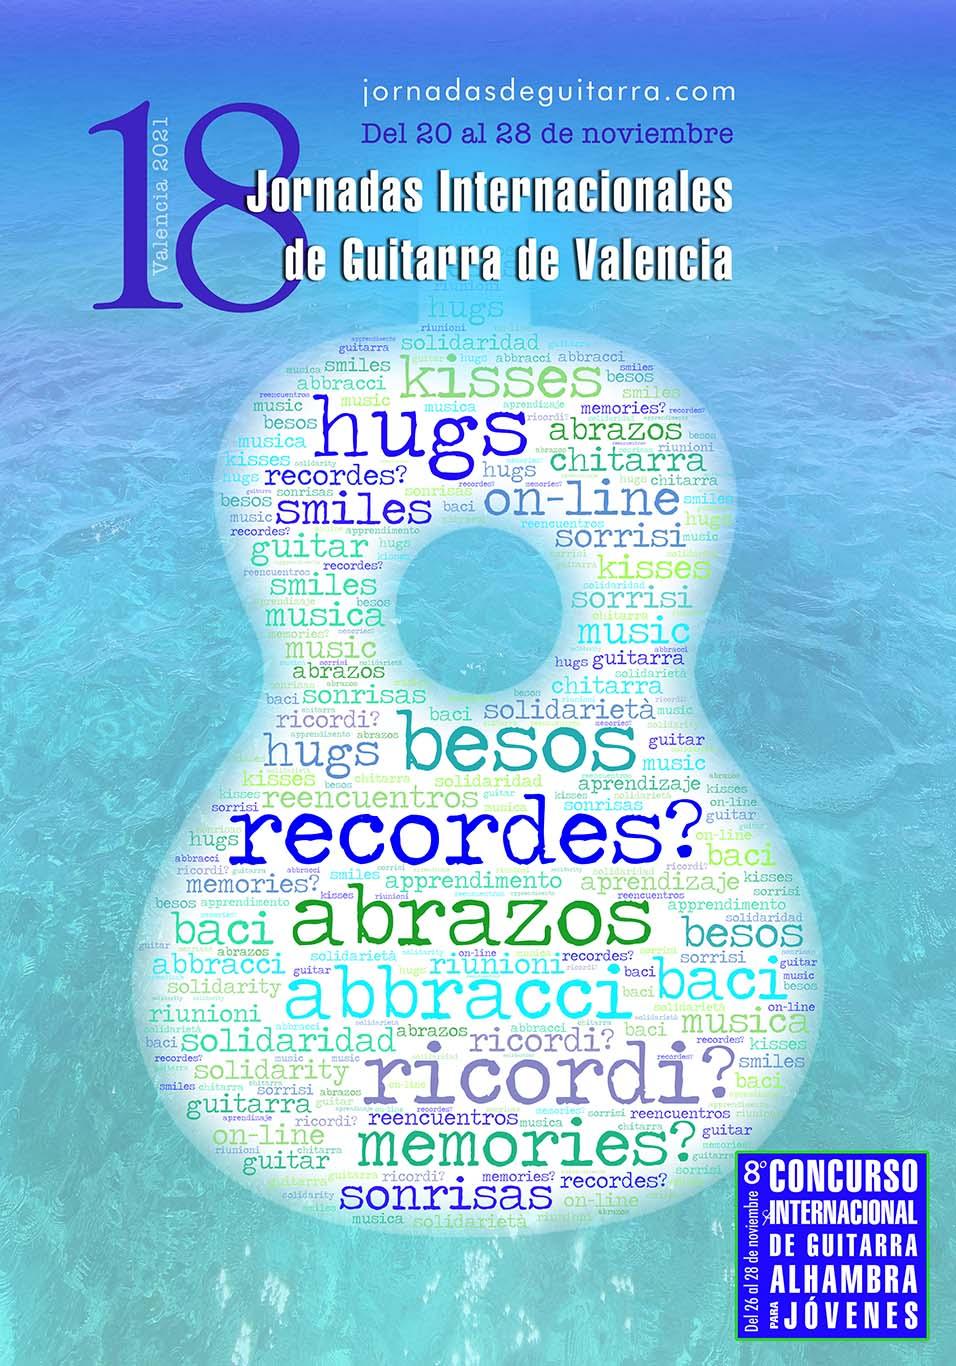 18 Jornadas Internacionales de Guitarra de Valencia